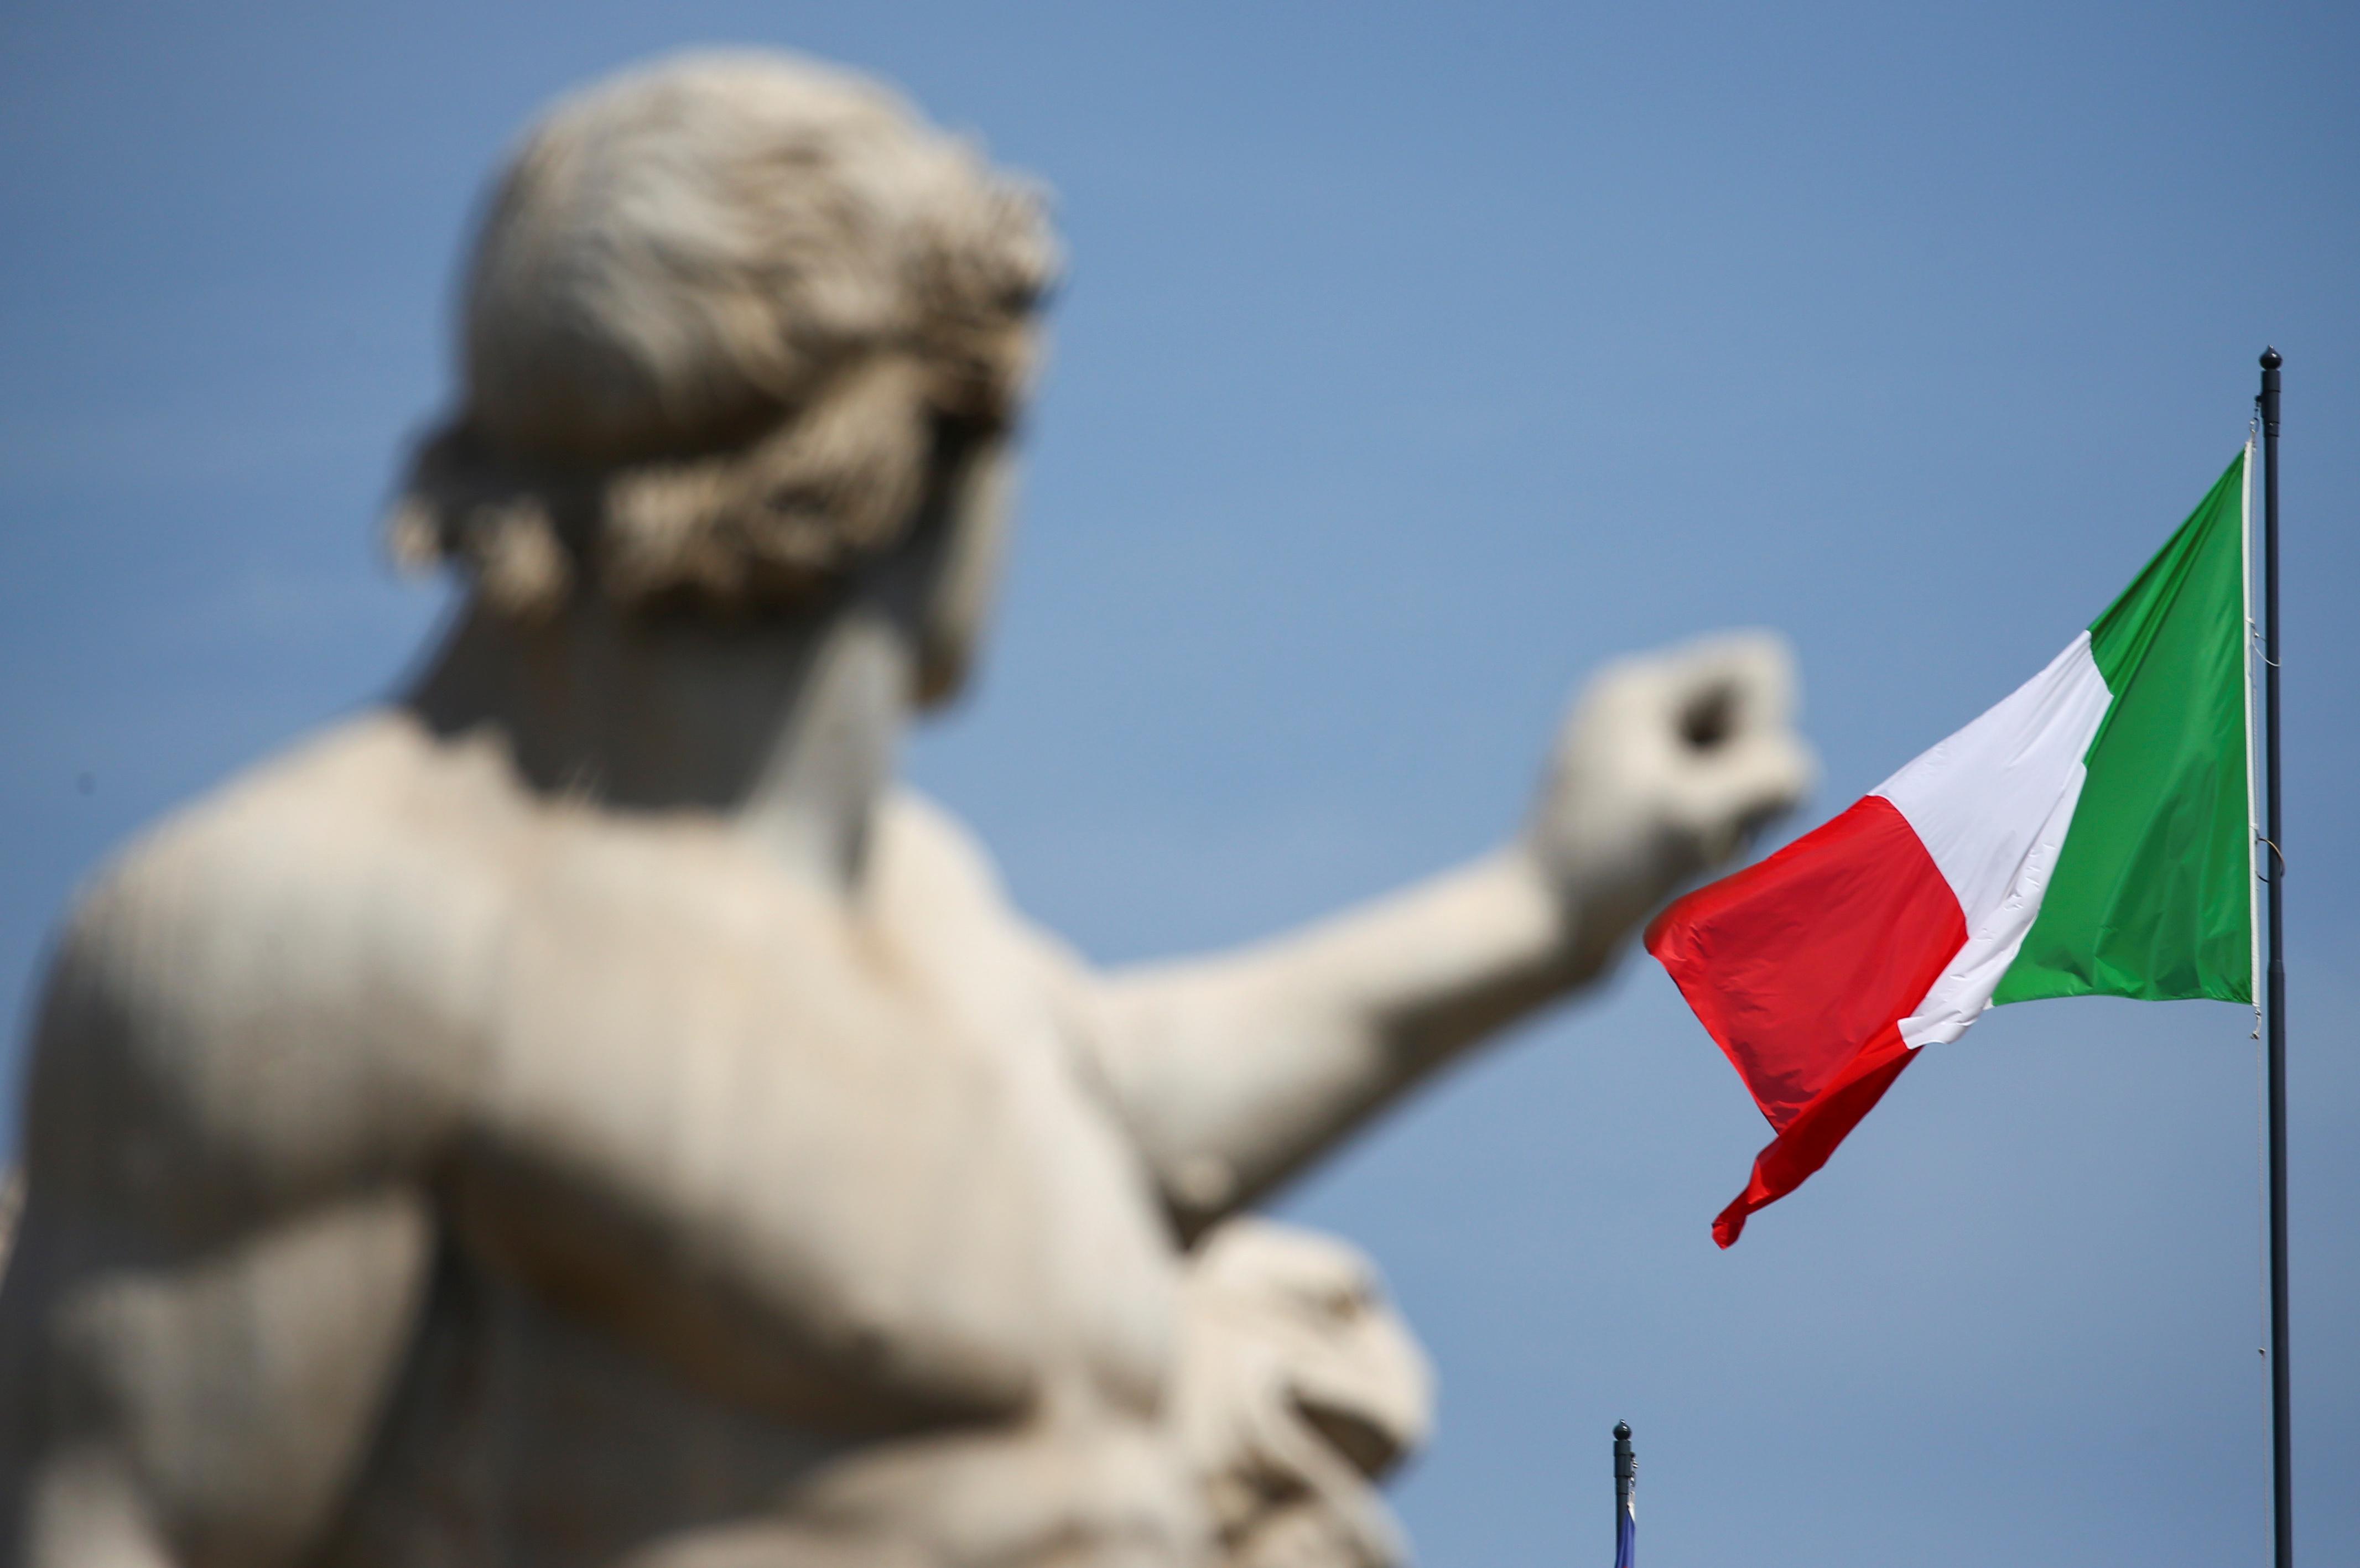 l-emprunt-italien-a-50-ans-a-seduit-les-investisseurs-allemands